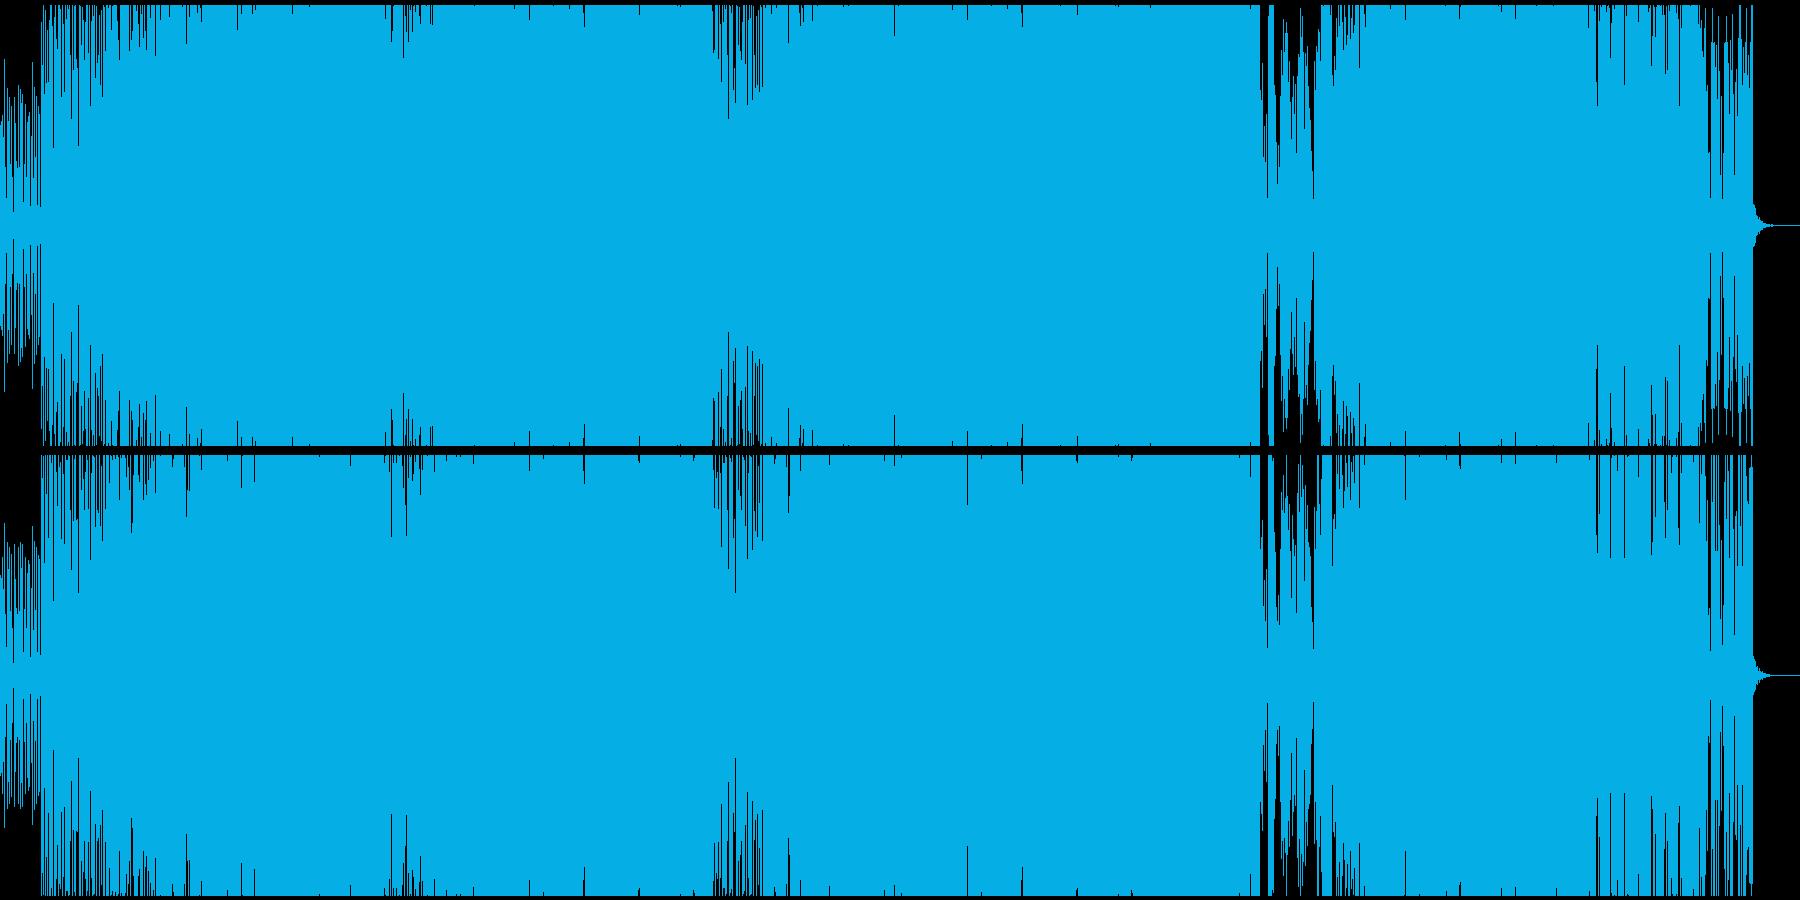 オシャレで近未来的なファンクの再生済みの波形